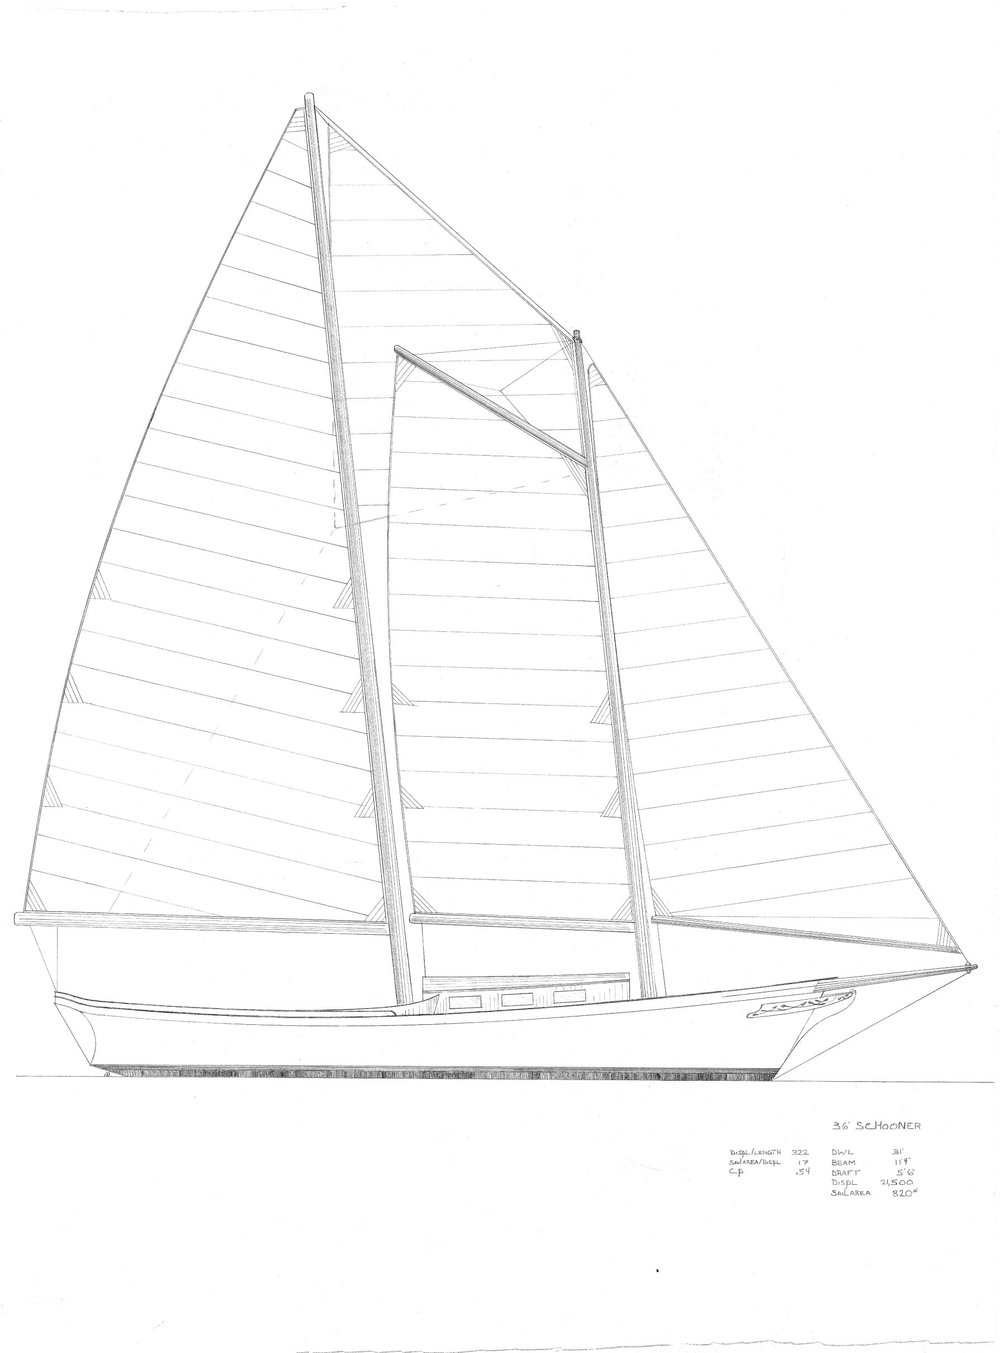 Rieff 36 Schooner